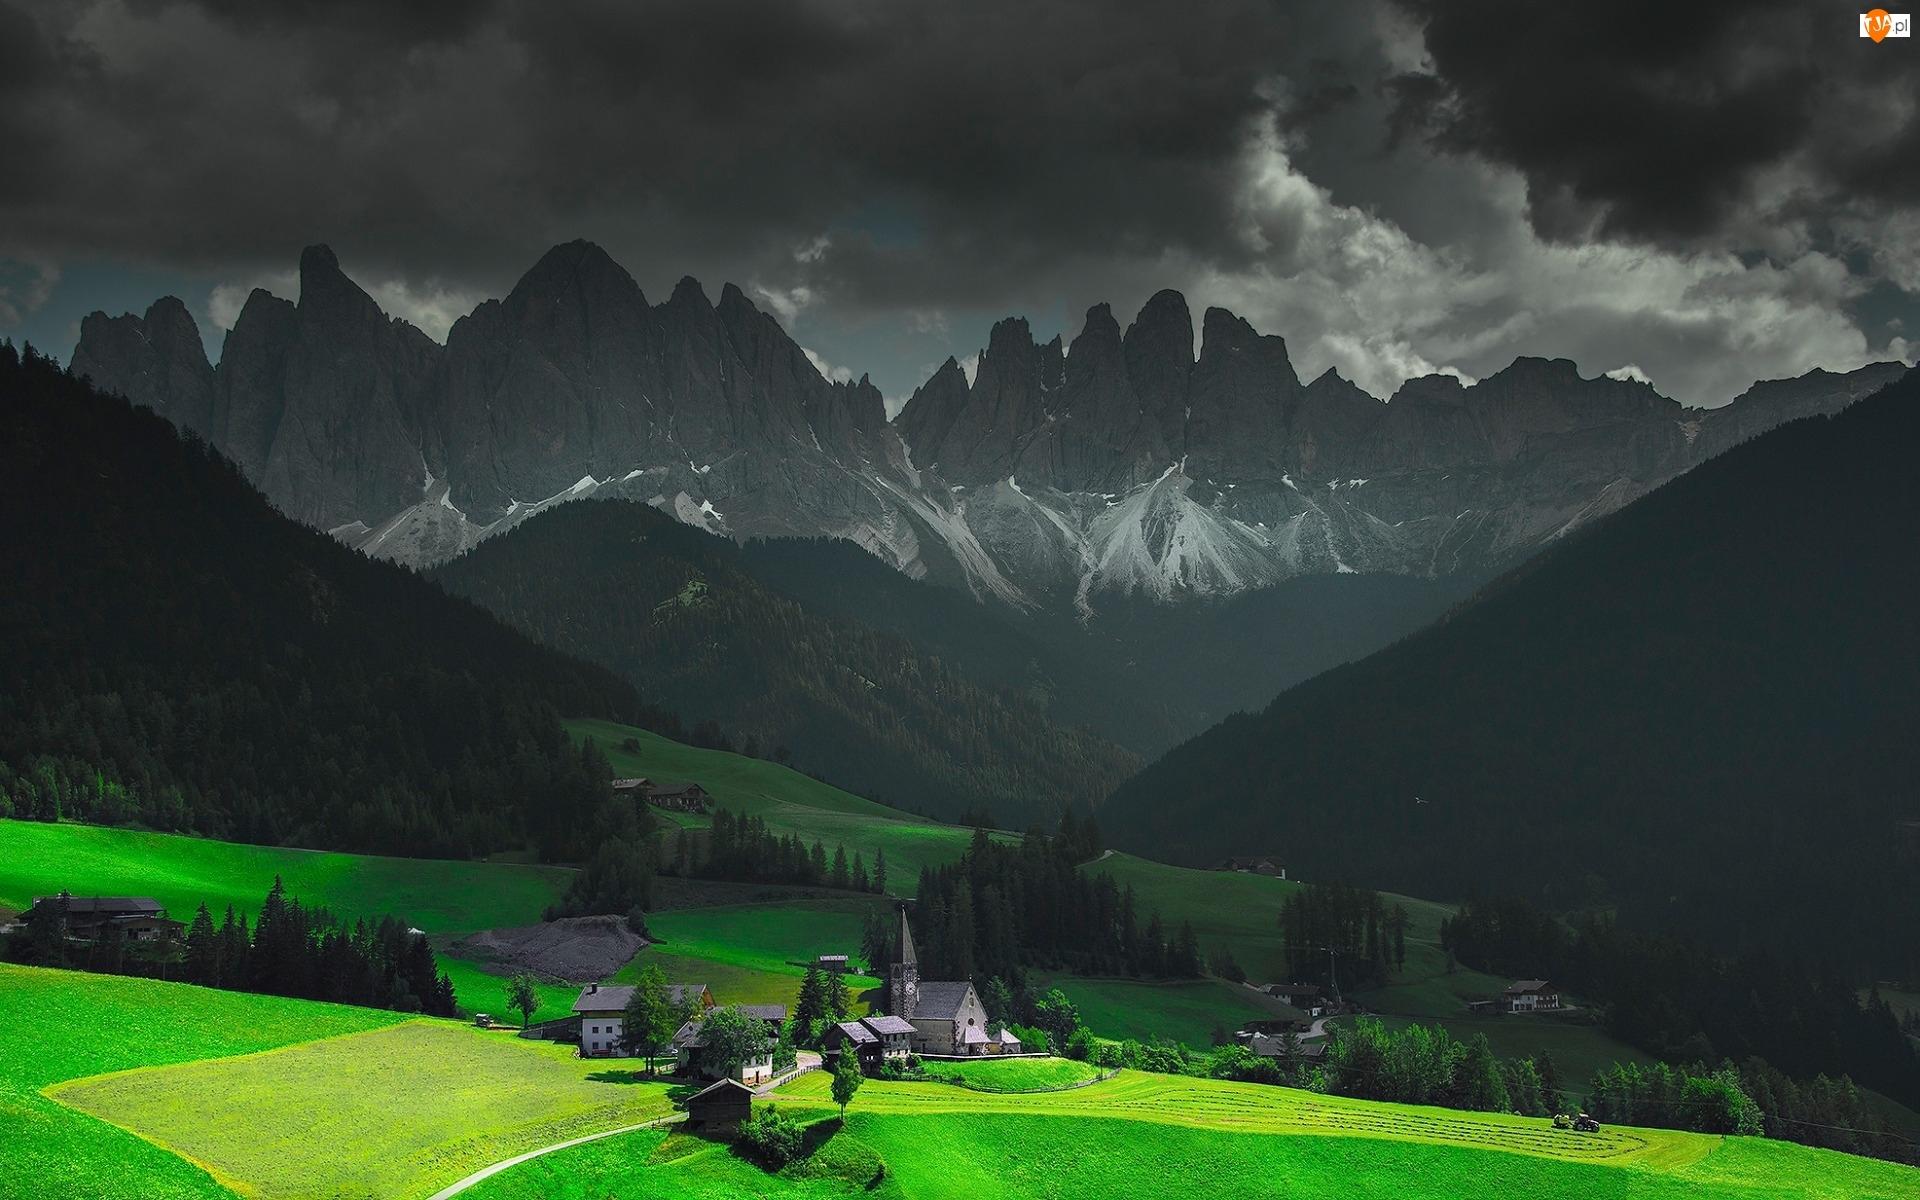 Ciemne, Kościół, Chmury, Dolomity, Domy, Włochy, Masyw Odle, Dolina Val di Funes, Góry